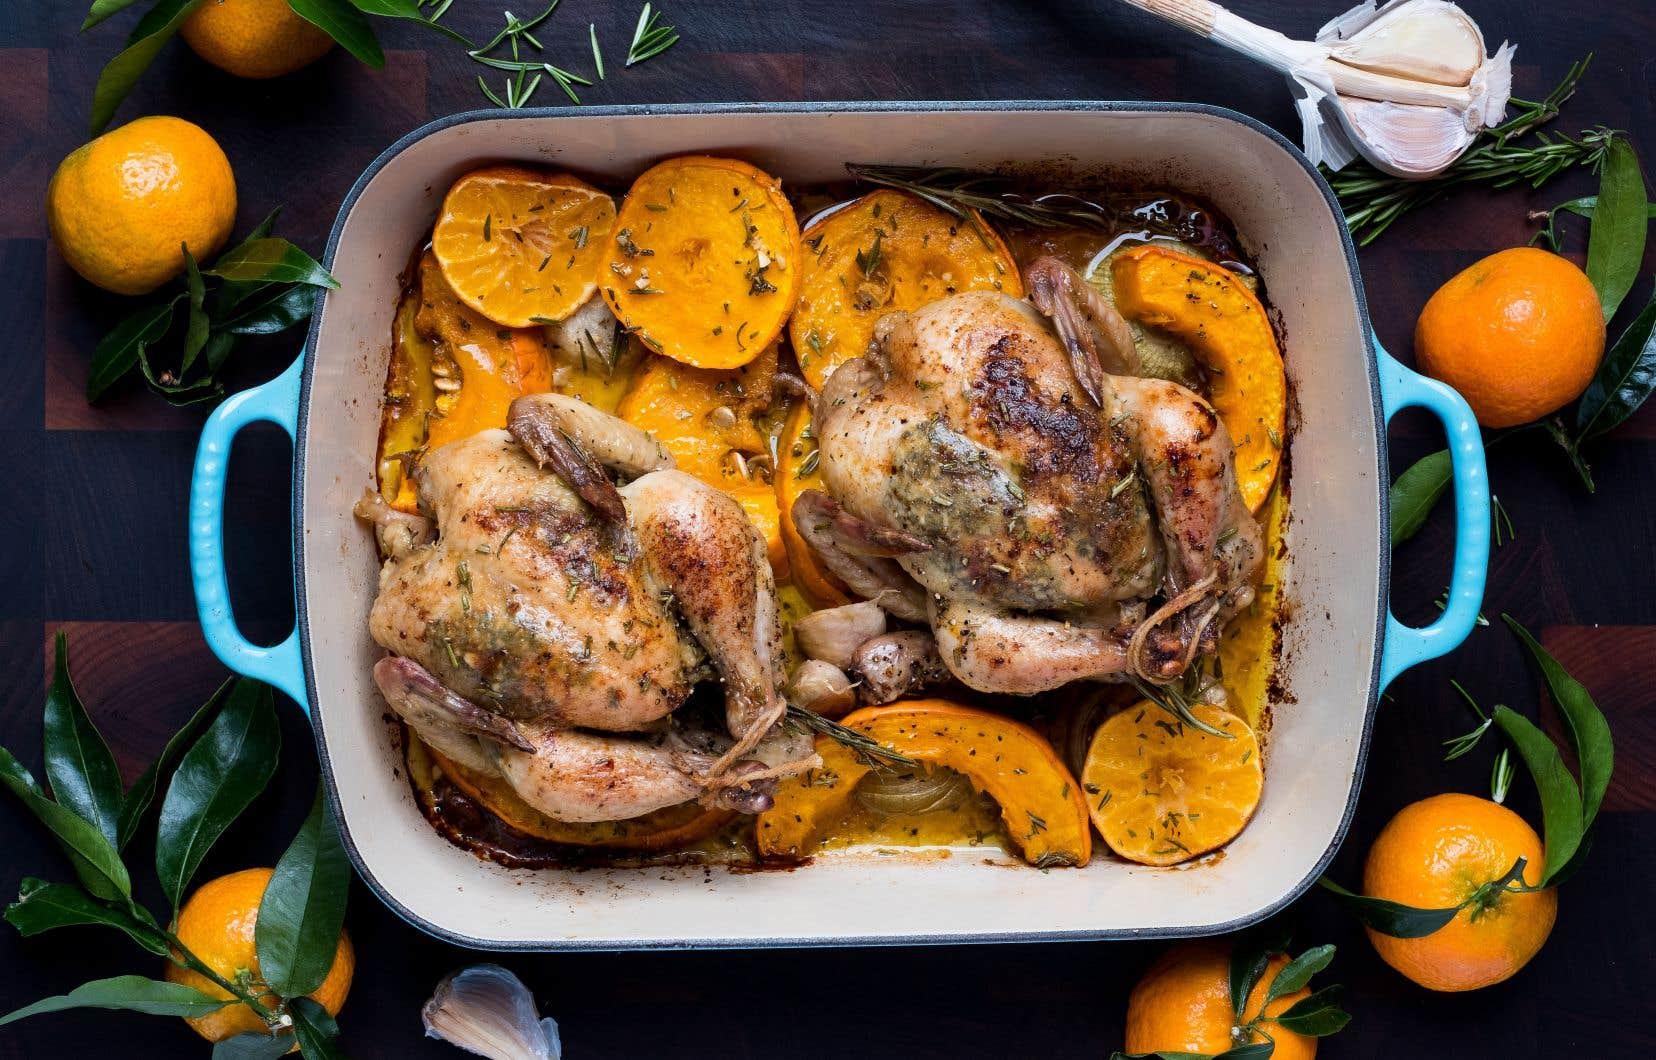 Un poulet de Cornouailles est en fait une jeune poule d'environ 500g qui a l'avantage d'être plus tendre et plus juteuse.